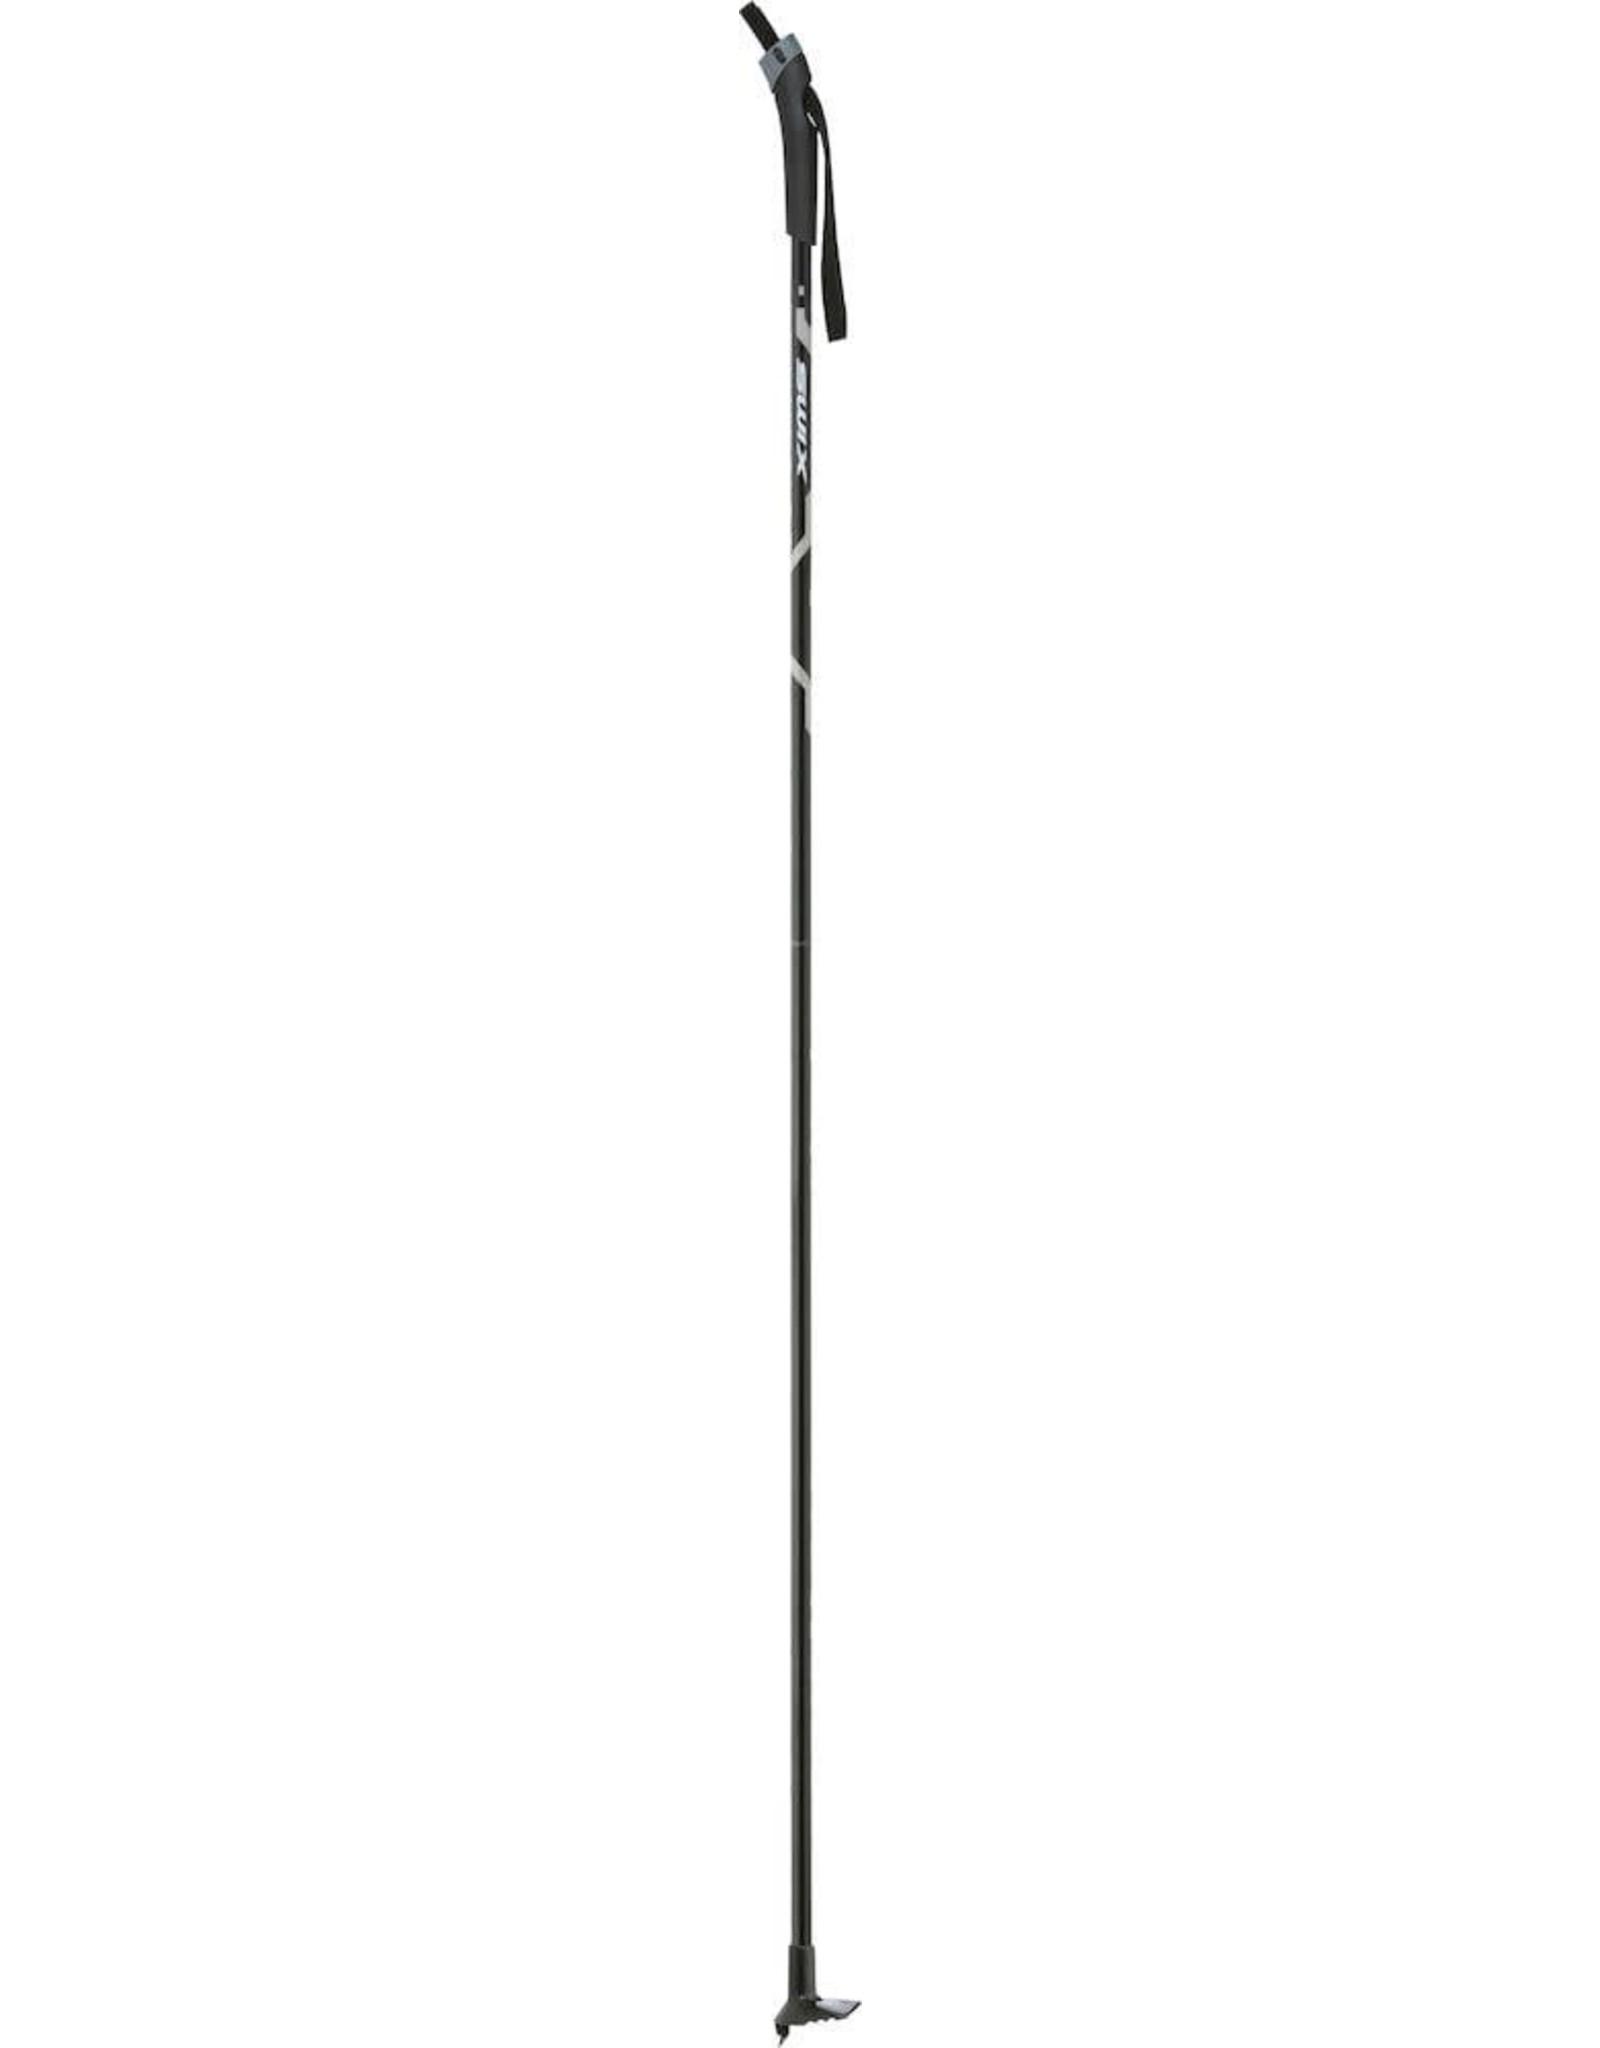 Swix Swix - Nordic 135 Ski Pole